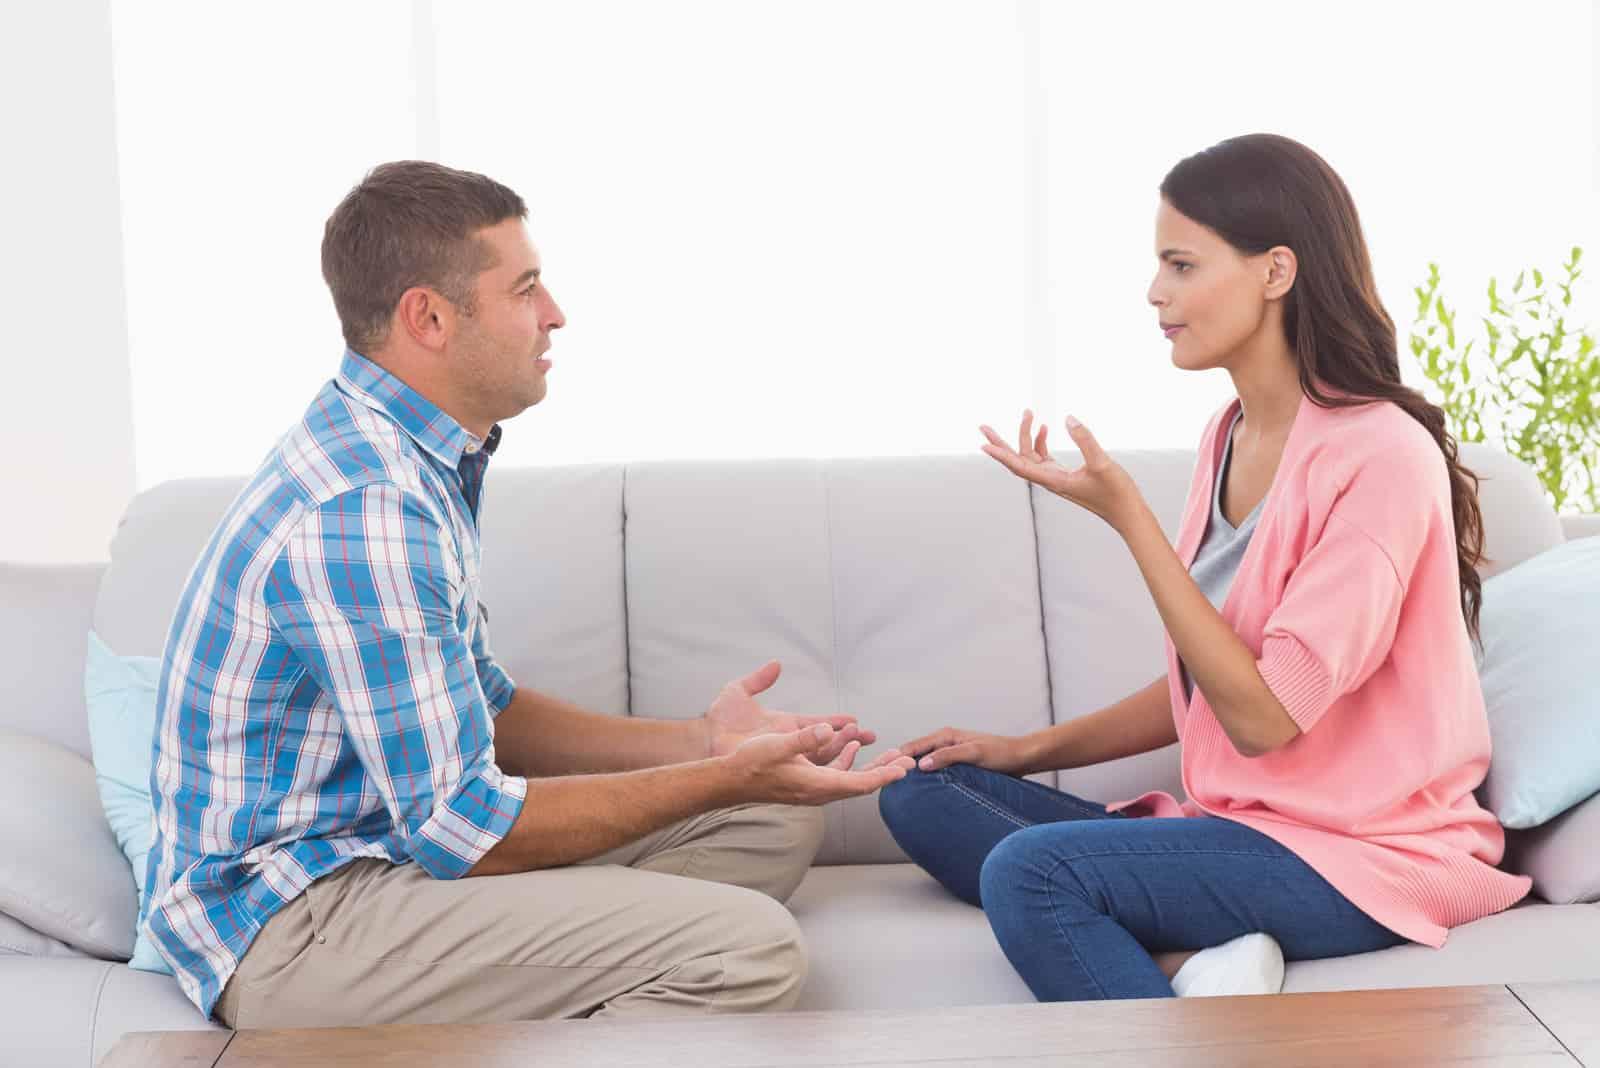 Das Paar auf dem Sofa sitzt und streitet